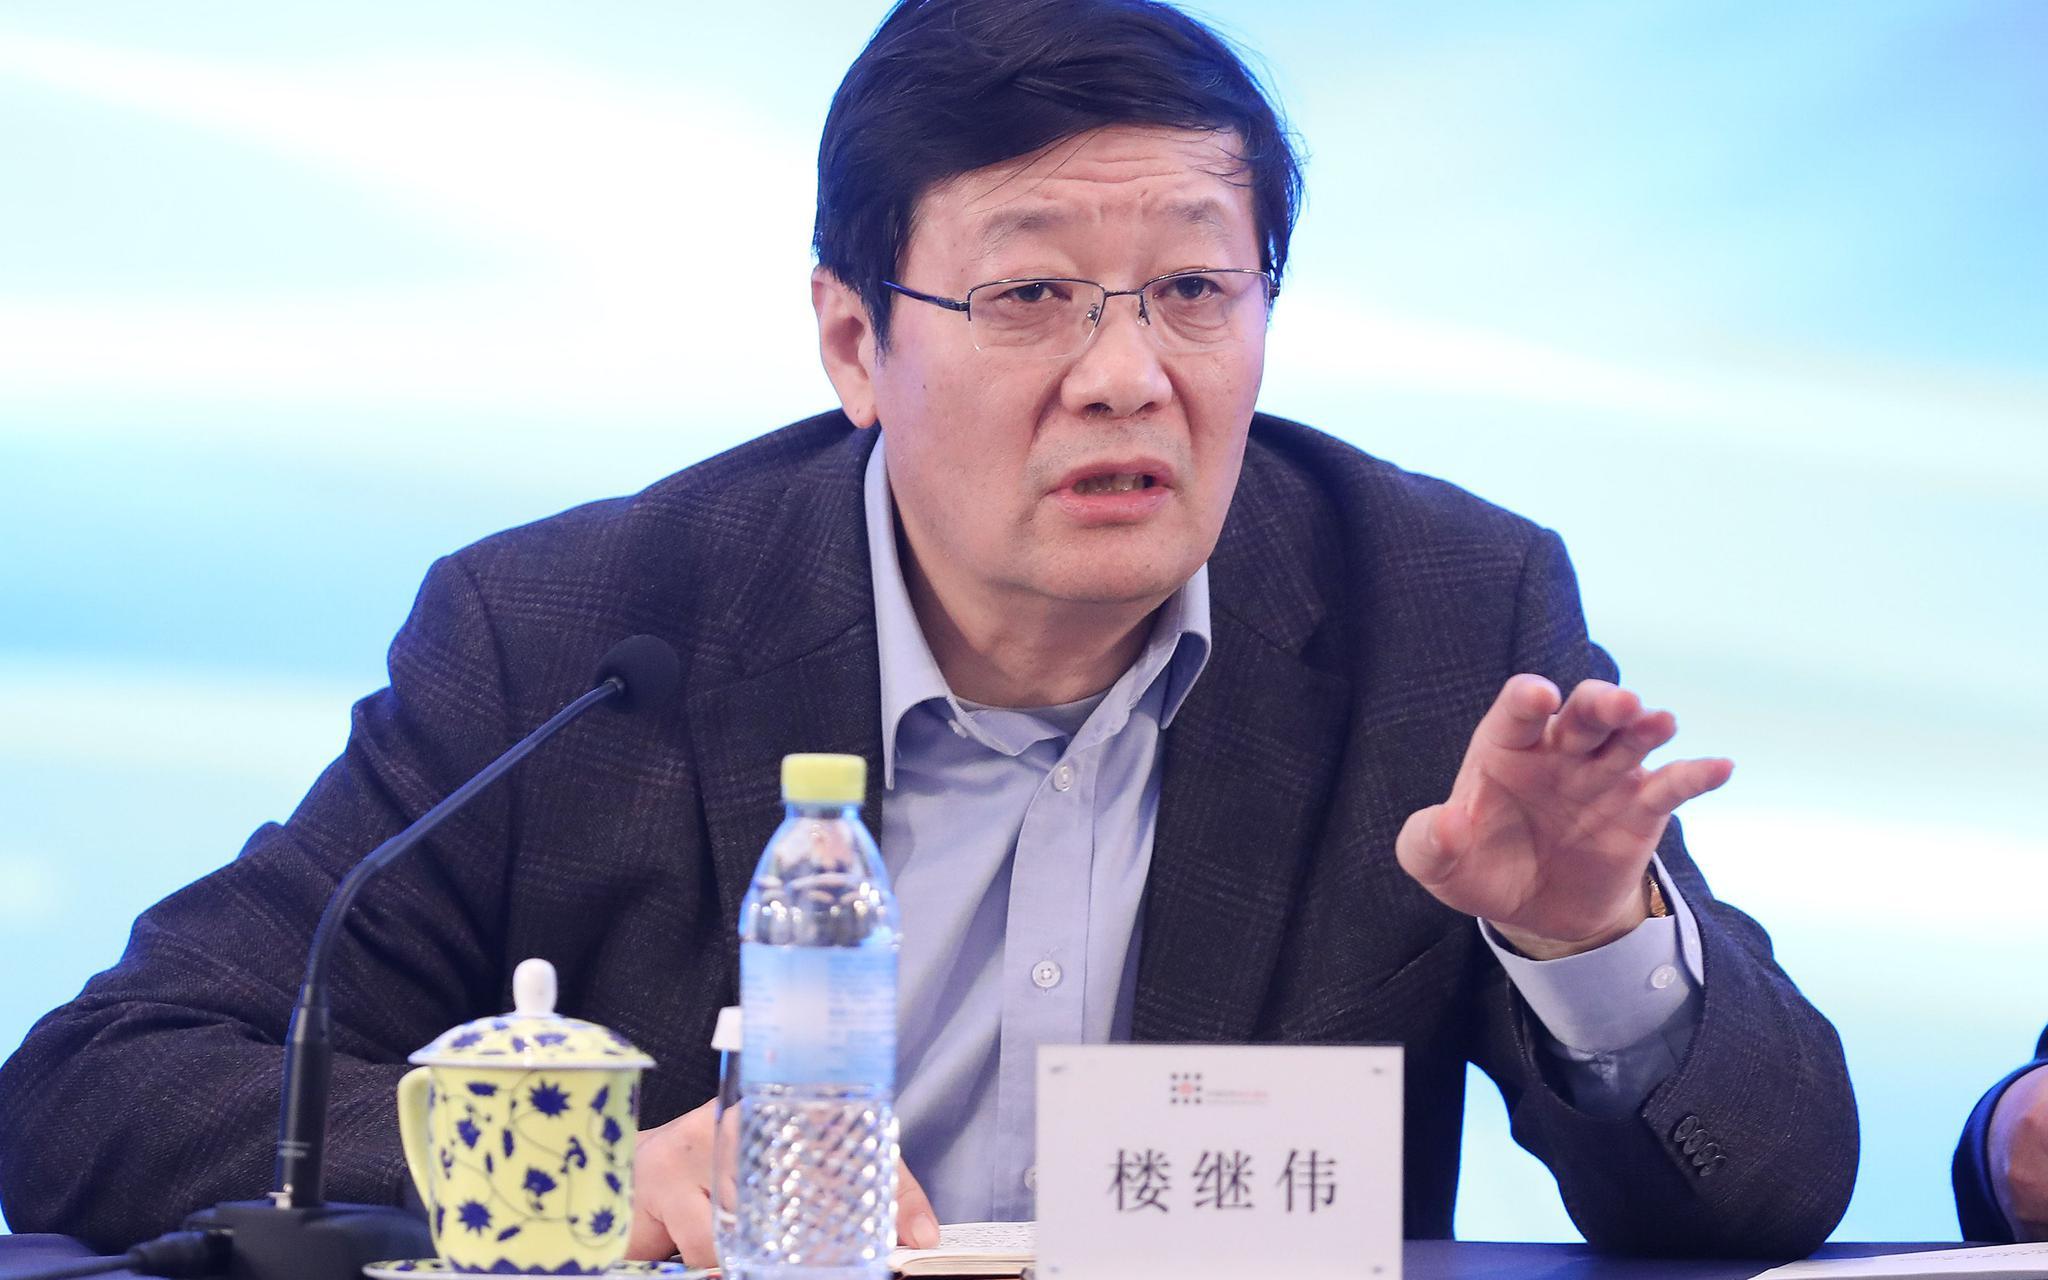 在澳门进行线上赌博,广州集中整治短斤缺两